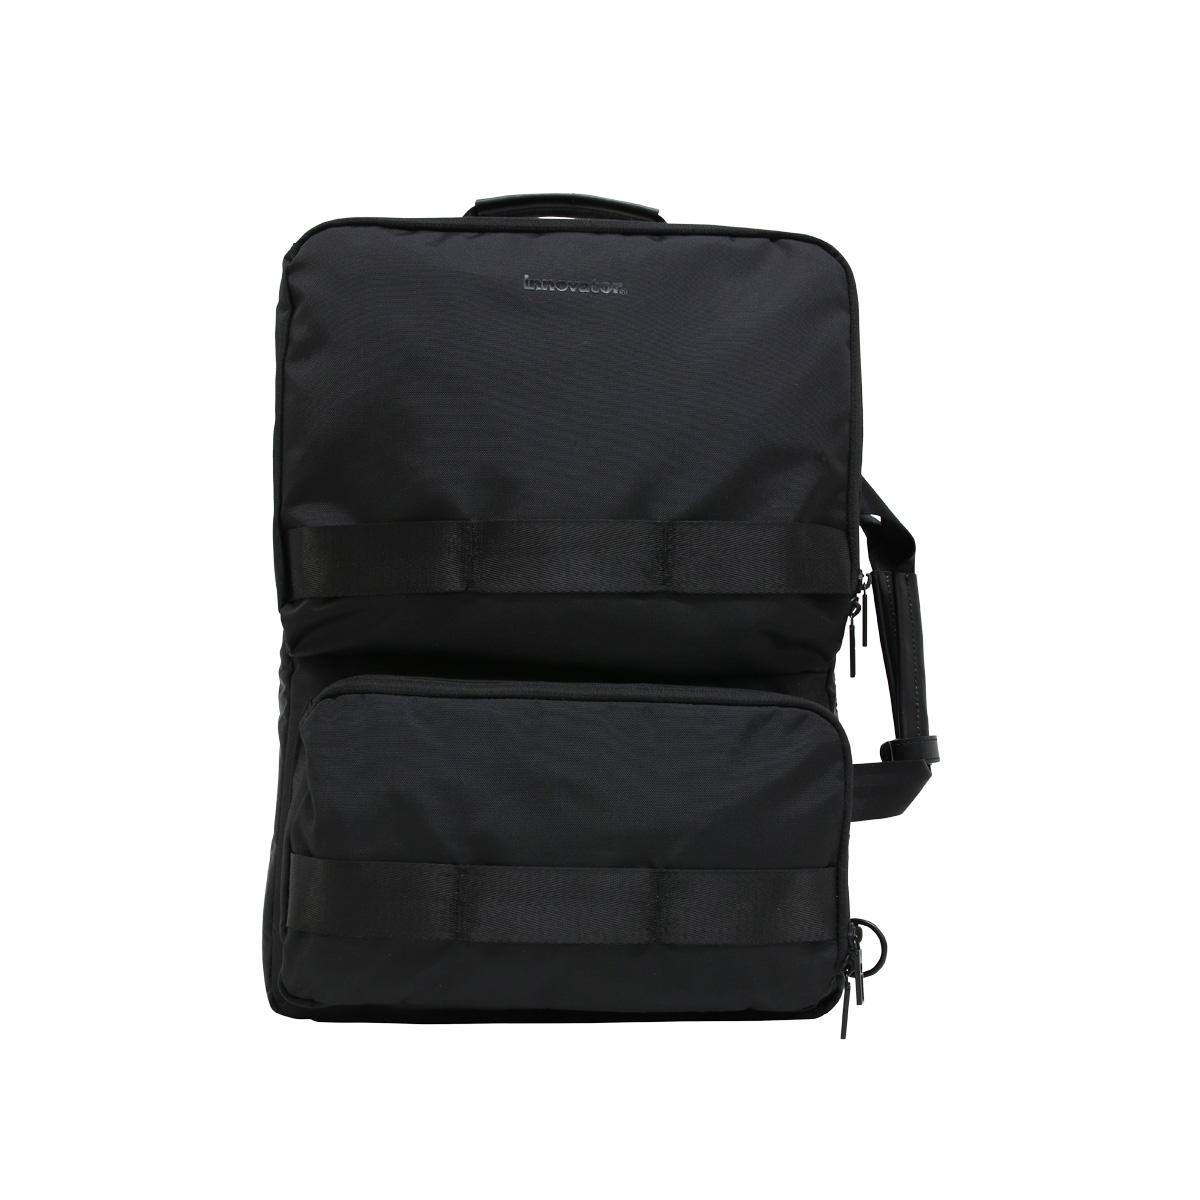 innovator BACK PACK イノベーター バッグ ショルダーバッグ ブリーフケース リュック ビジネスバッグ メンズ 24.2L 3WAY 撥水 ブラック グレー ネイビー 黒 INB-002 [7/22 新入荷]